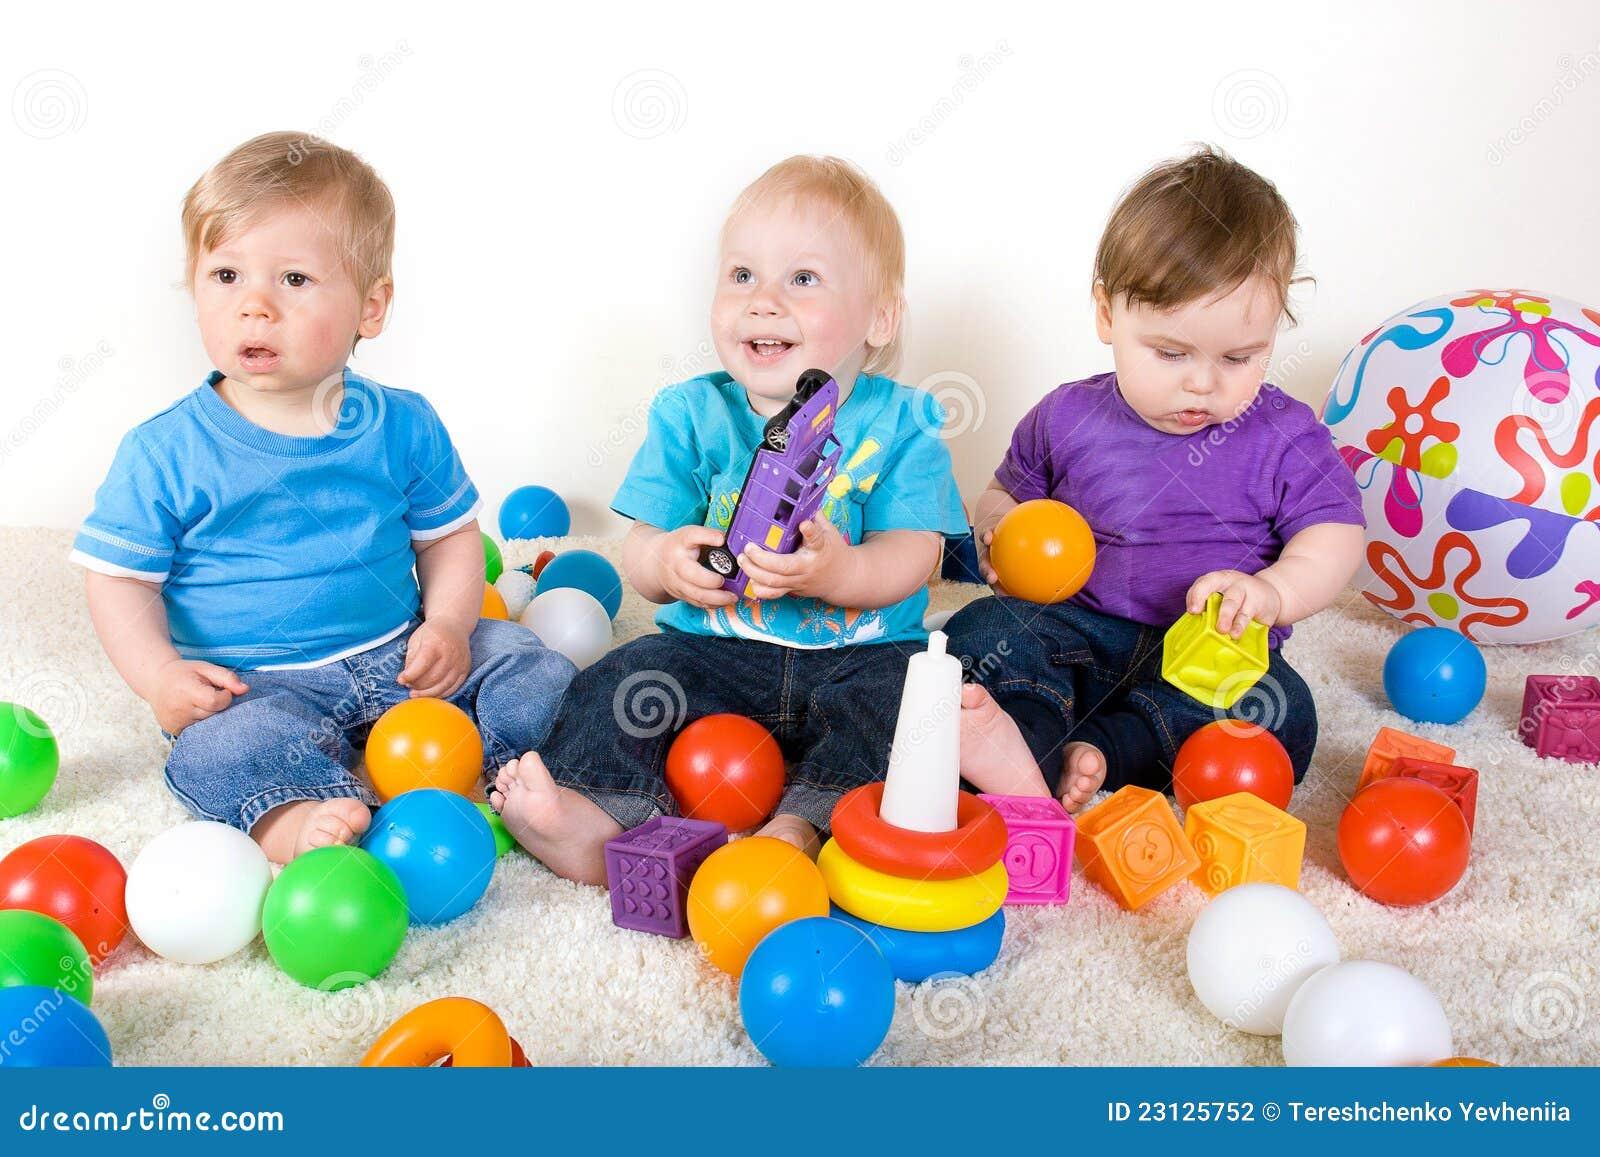 Дети с игрушками. Общий фотоальбом 43